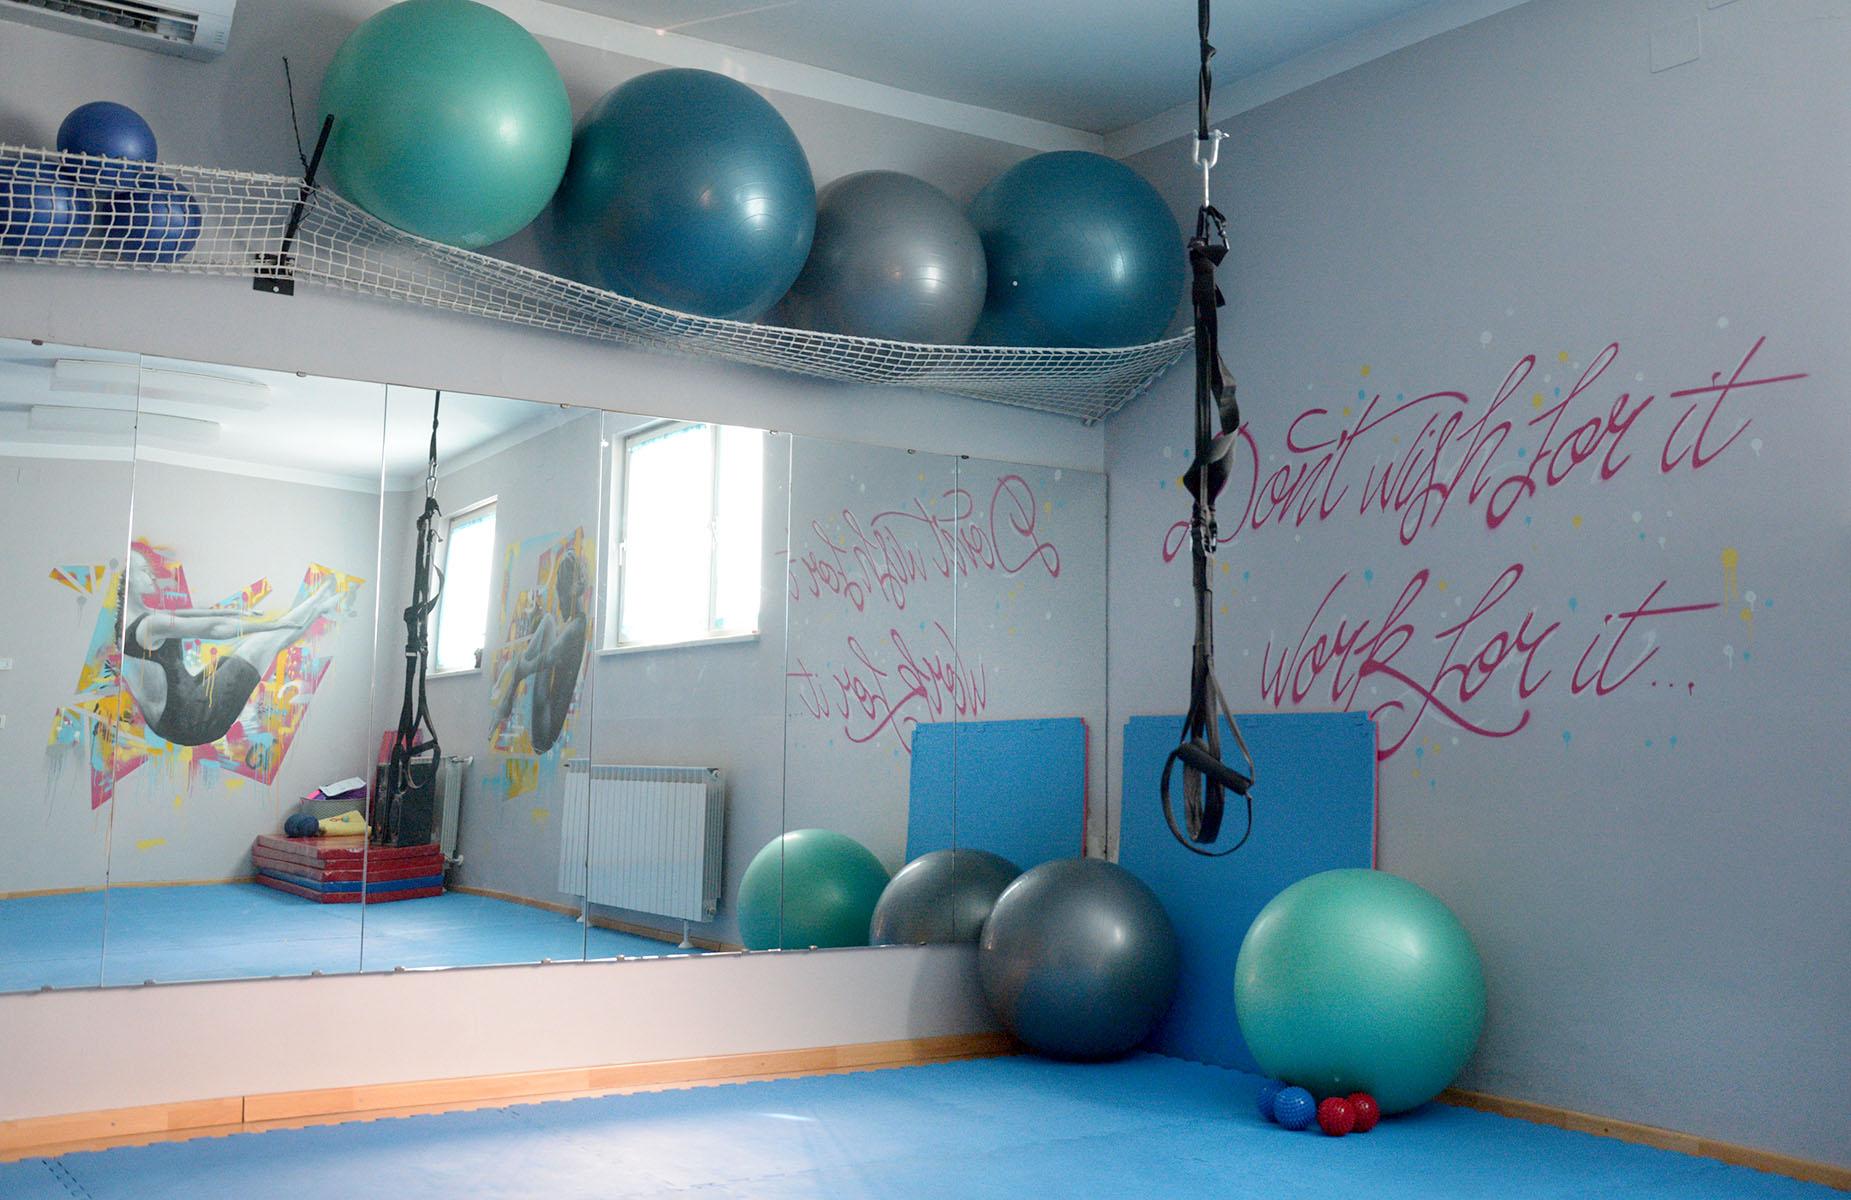 Privatna praksa fizikalne terapije i rehabilitacije Tatjana Stakić je mjesto koje osim vrhunskih zdravstvenih, nudi i kozmetičke usluge